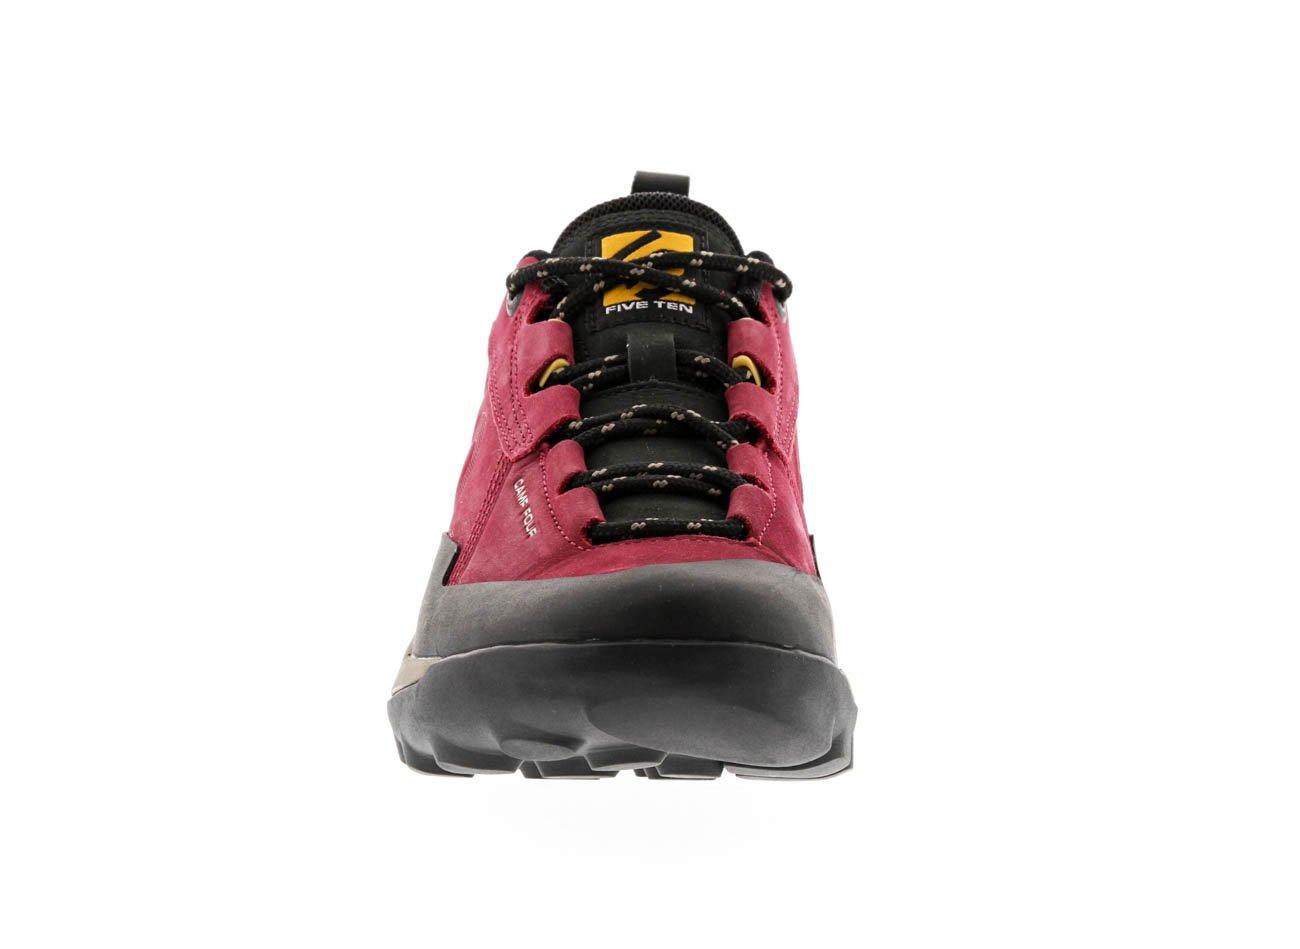 Five Hiking Ten Women's Camp Four Hiking Five Shoe B01NAE2IX1 7 B(M) US|Cherry Red d6ff71